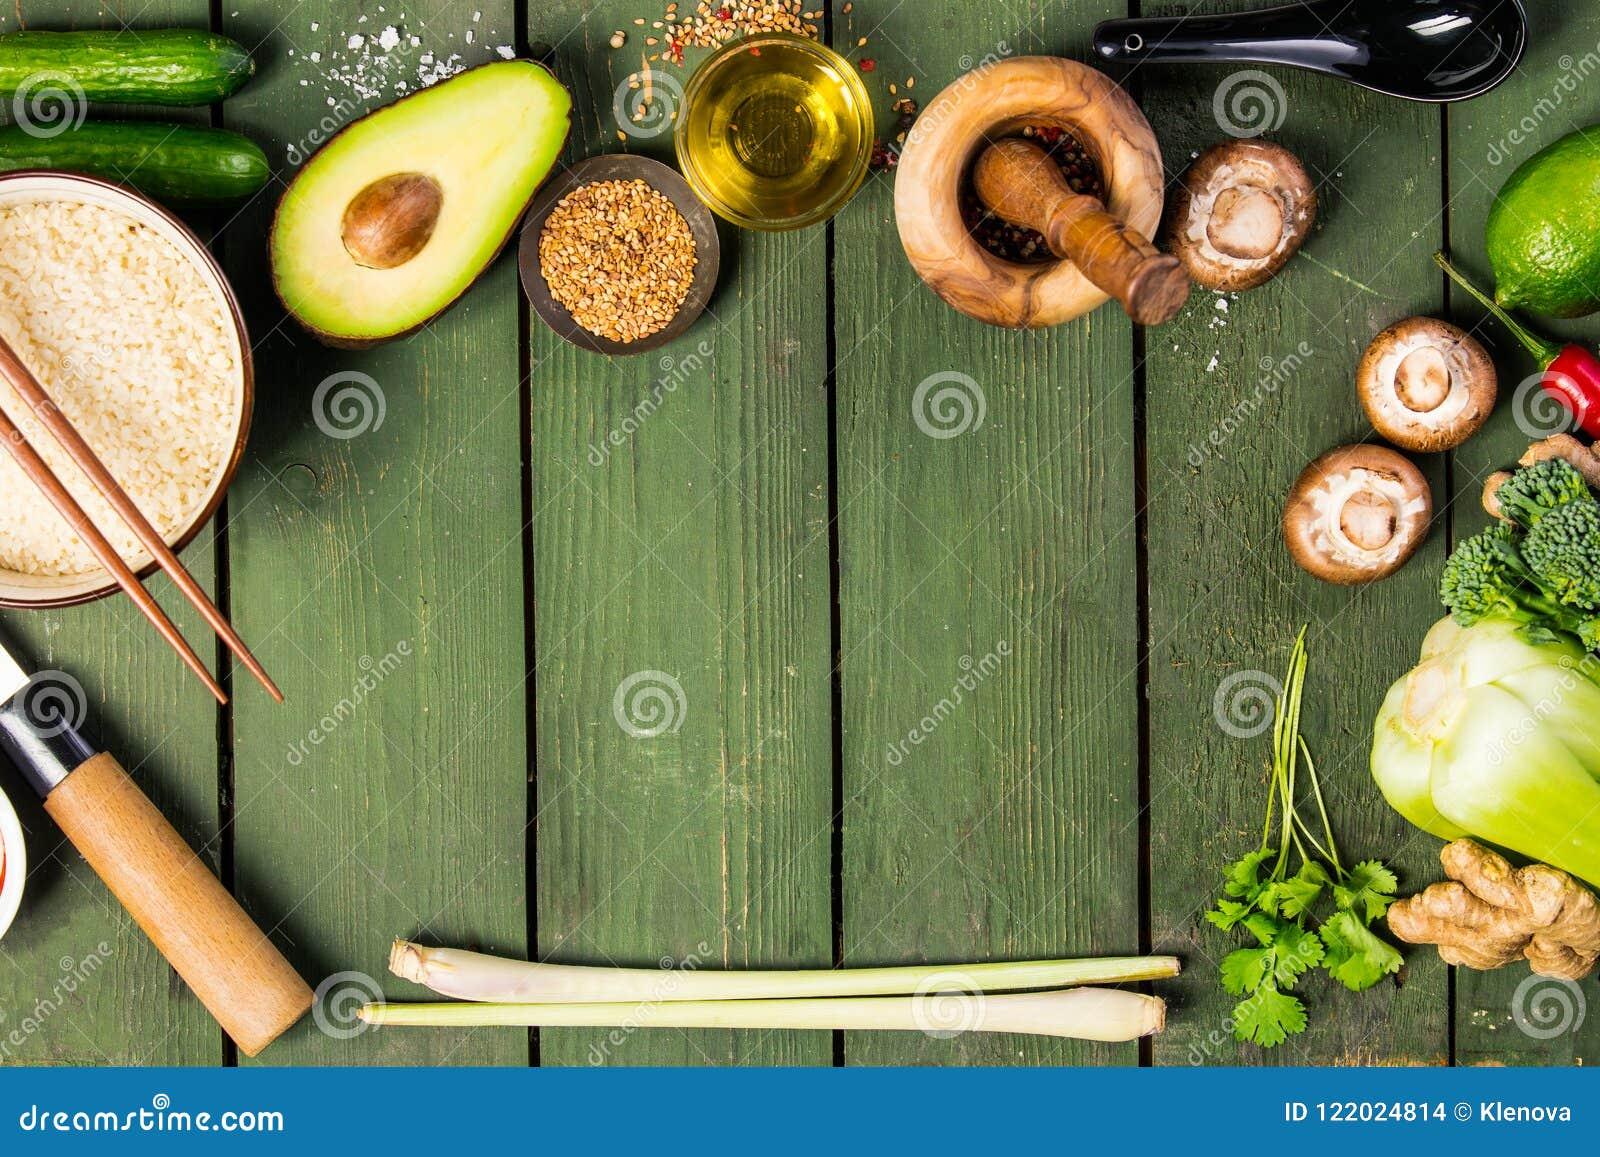 Aziatische voedselachtergrond